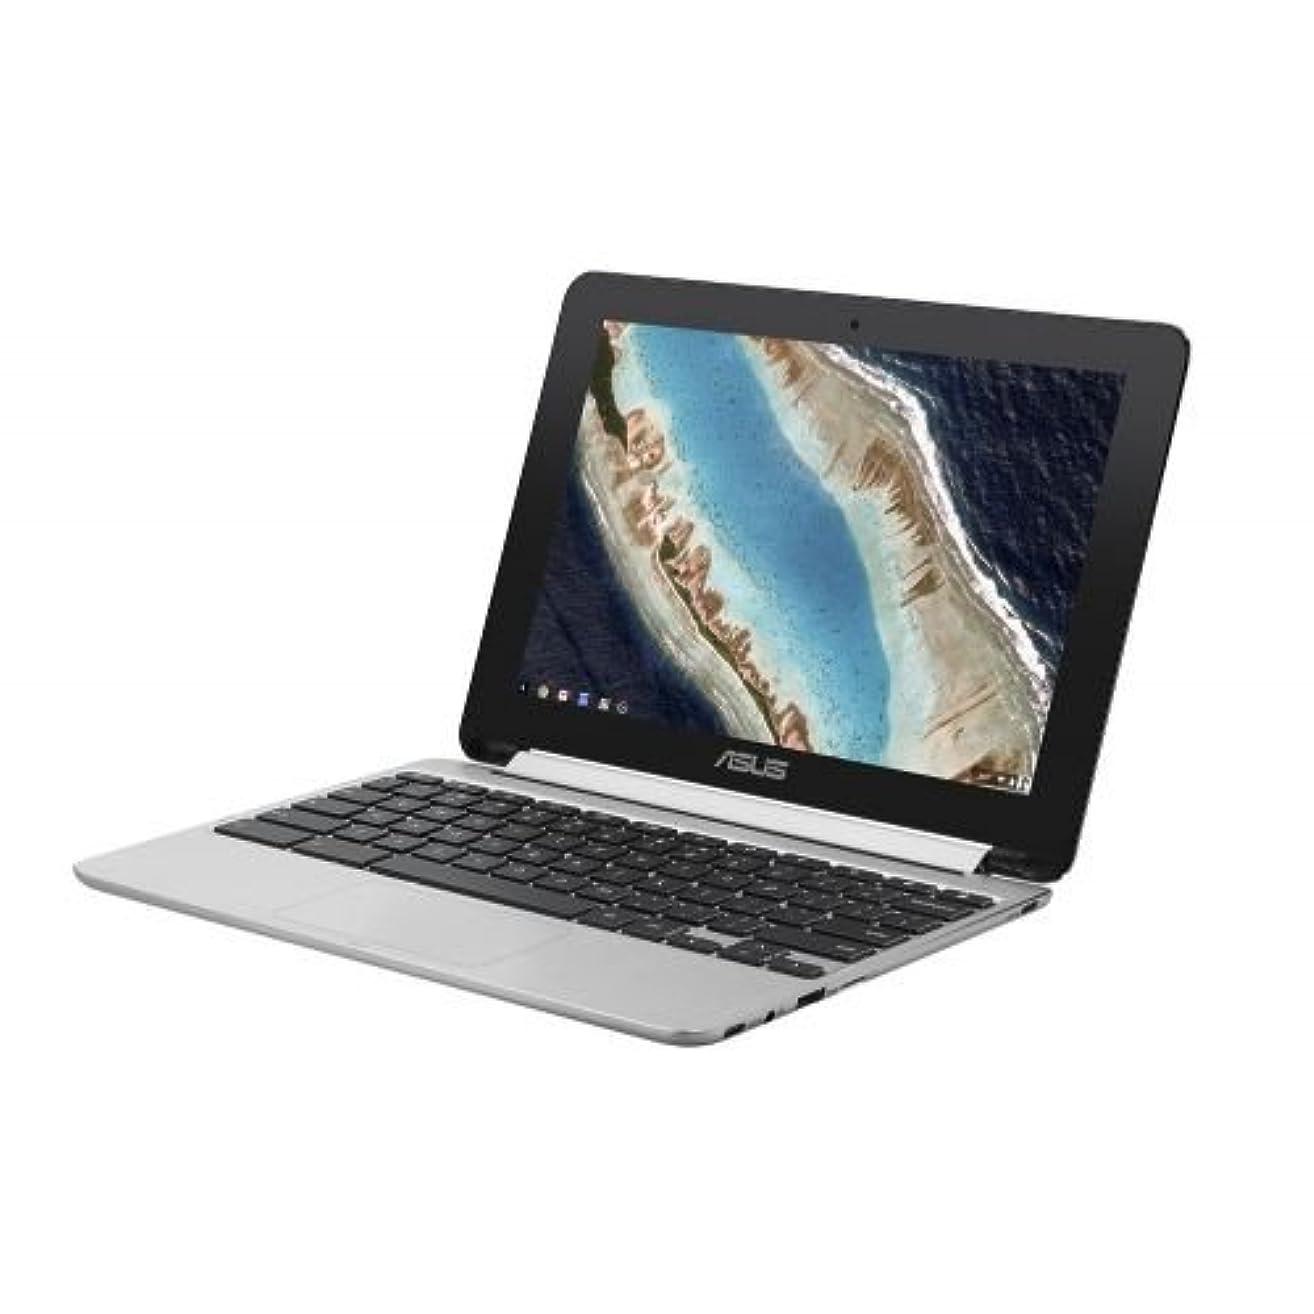 スラック必要としている主要なASUS Chromebook Flip C101PA-FS003 Chrome OS OP1 Hexa-core 10.1インチ メモリ 4GB eMMC 32GB Webカメラ